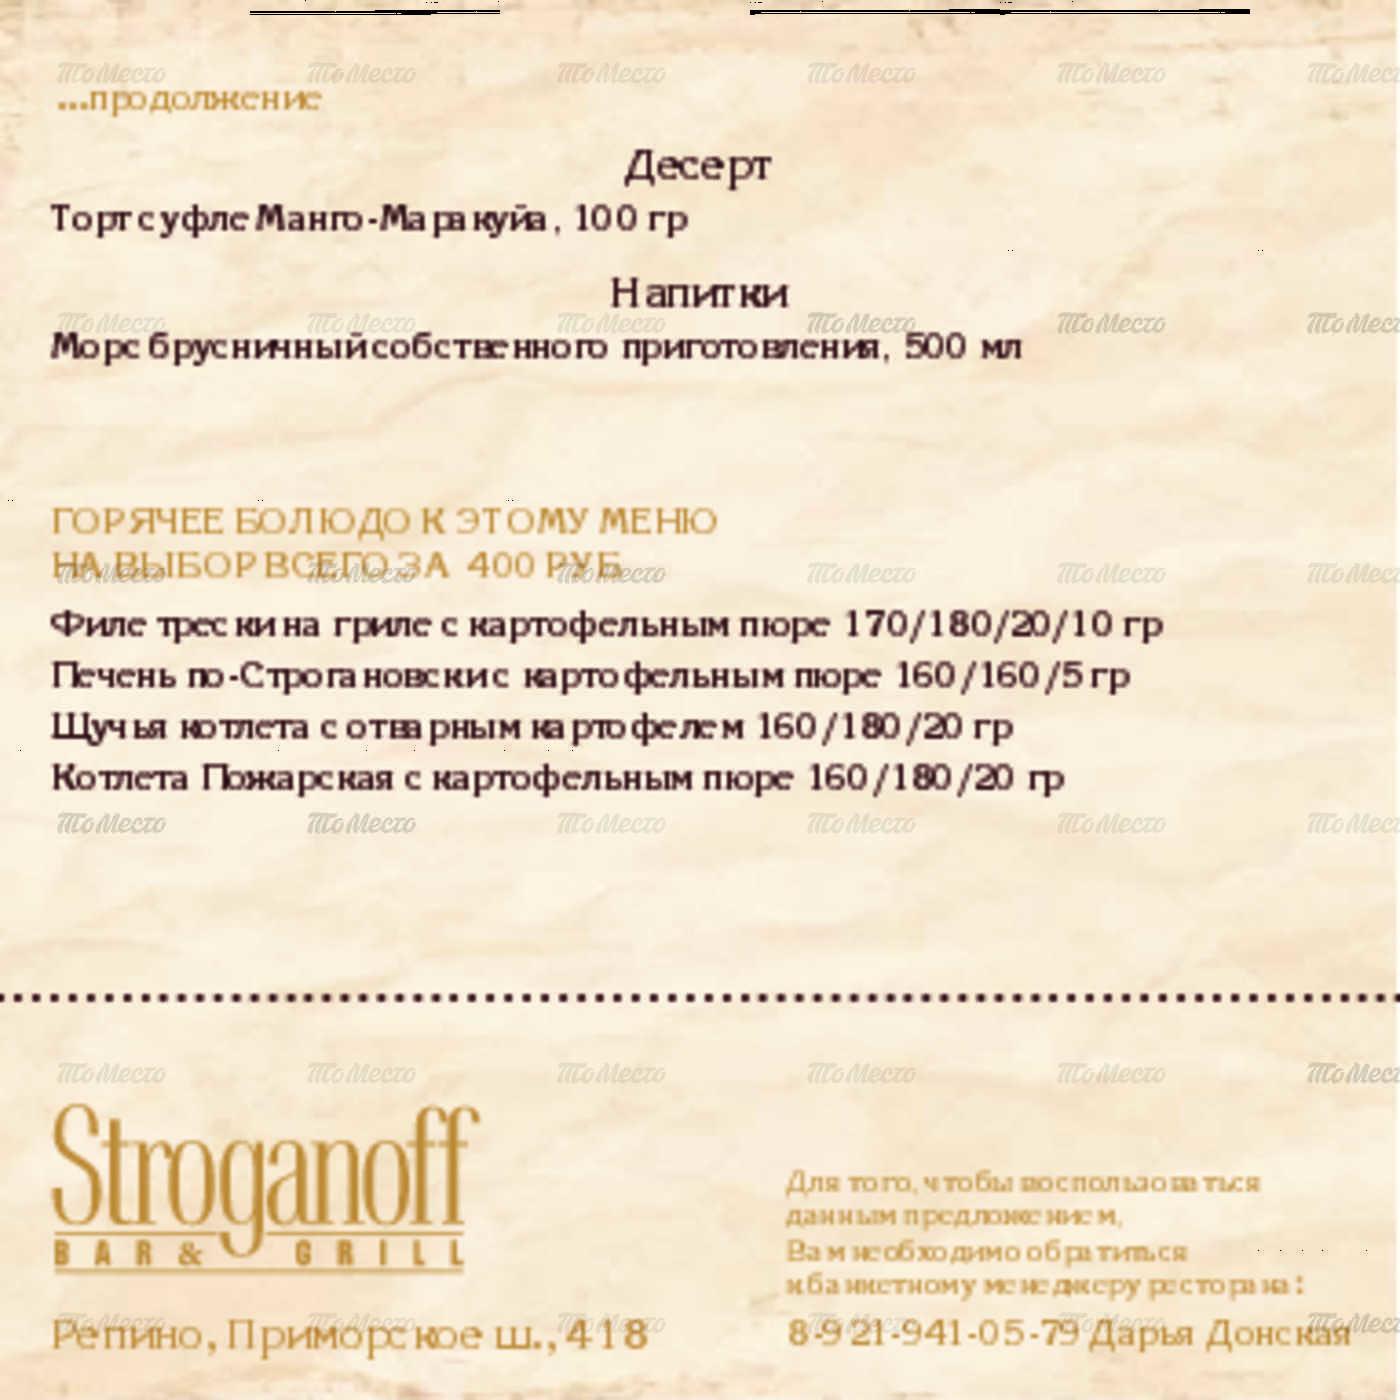 Банкетный зал ресторана Строганов Бар и Гриль в поселке Репино, на Приморском шоссе фото 5